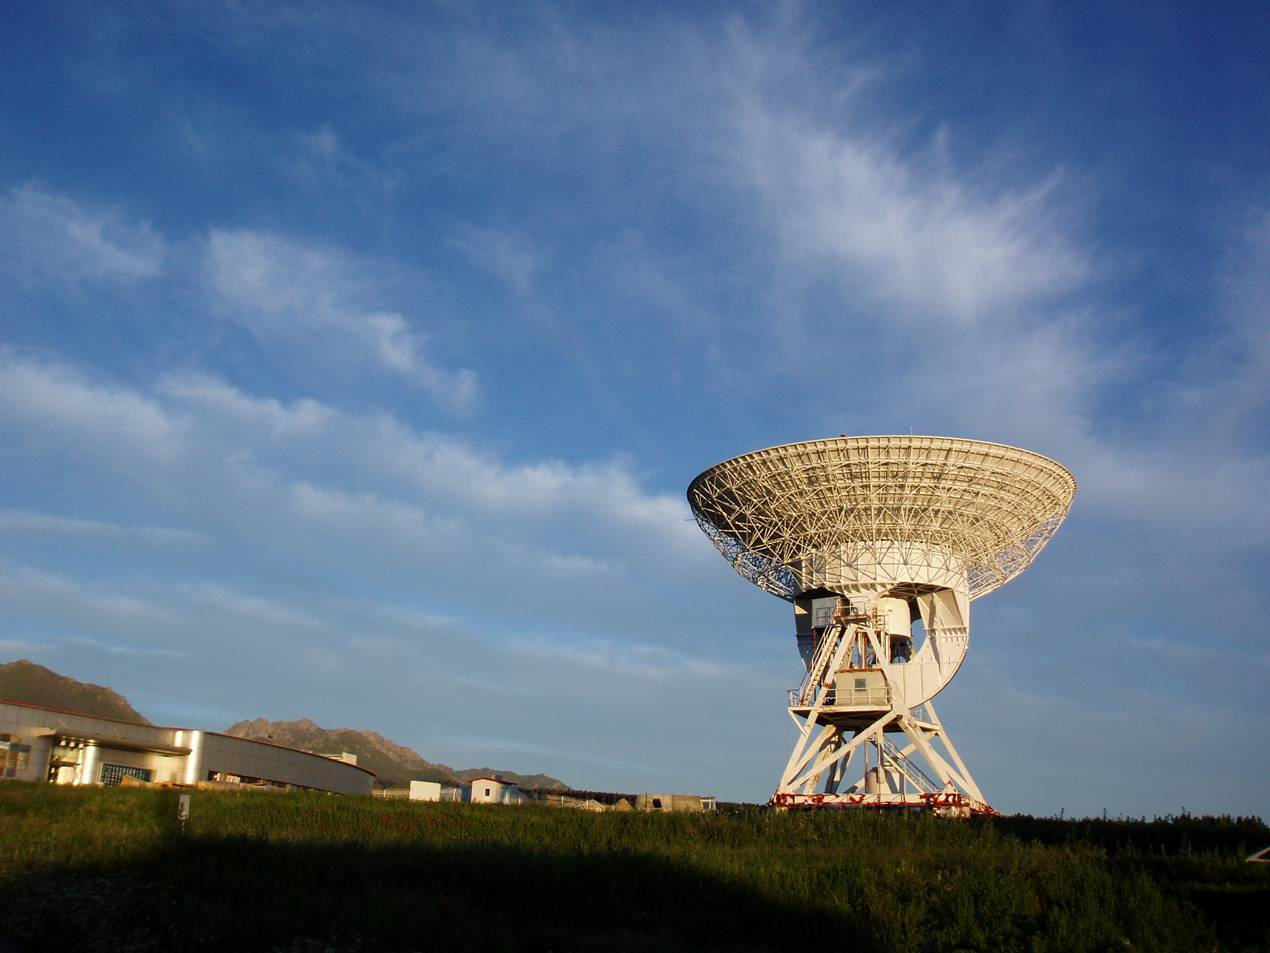 В Китайская республика новый радиотелескоп даст возможность ученым отыскать пришельцев до 2030-ого года